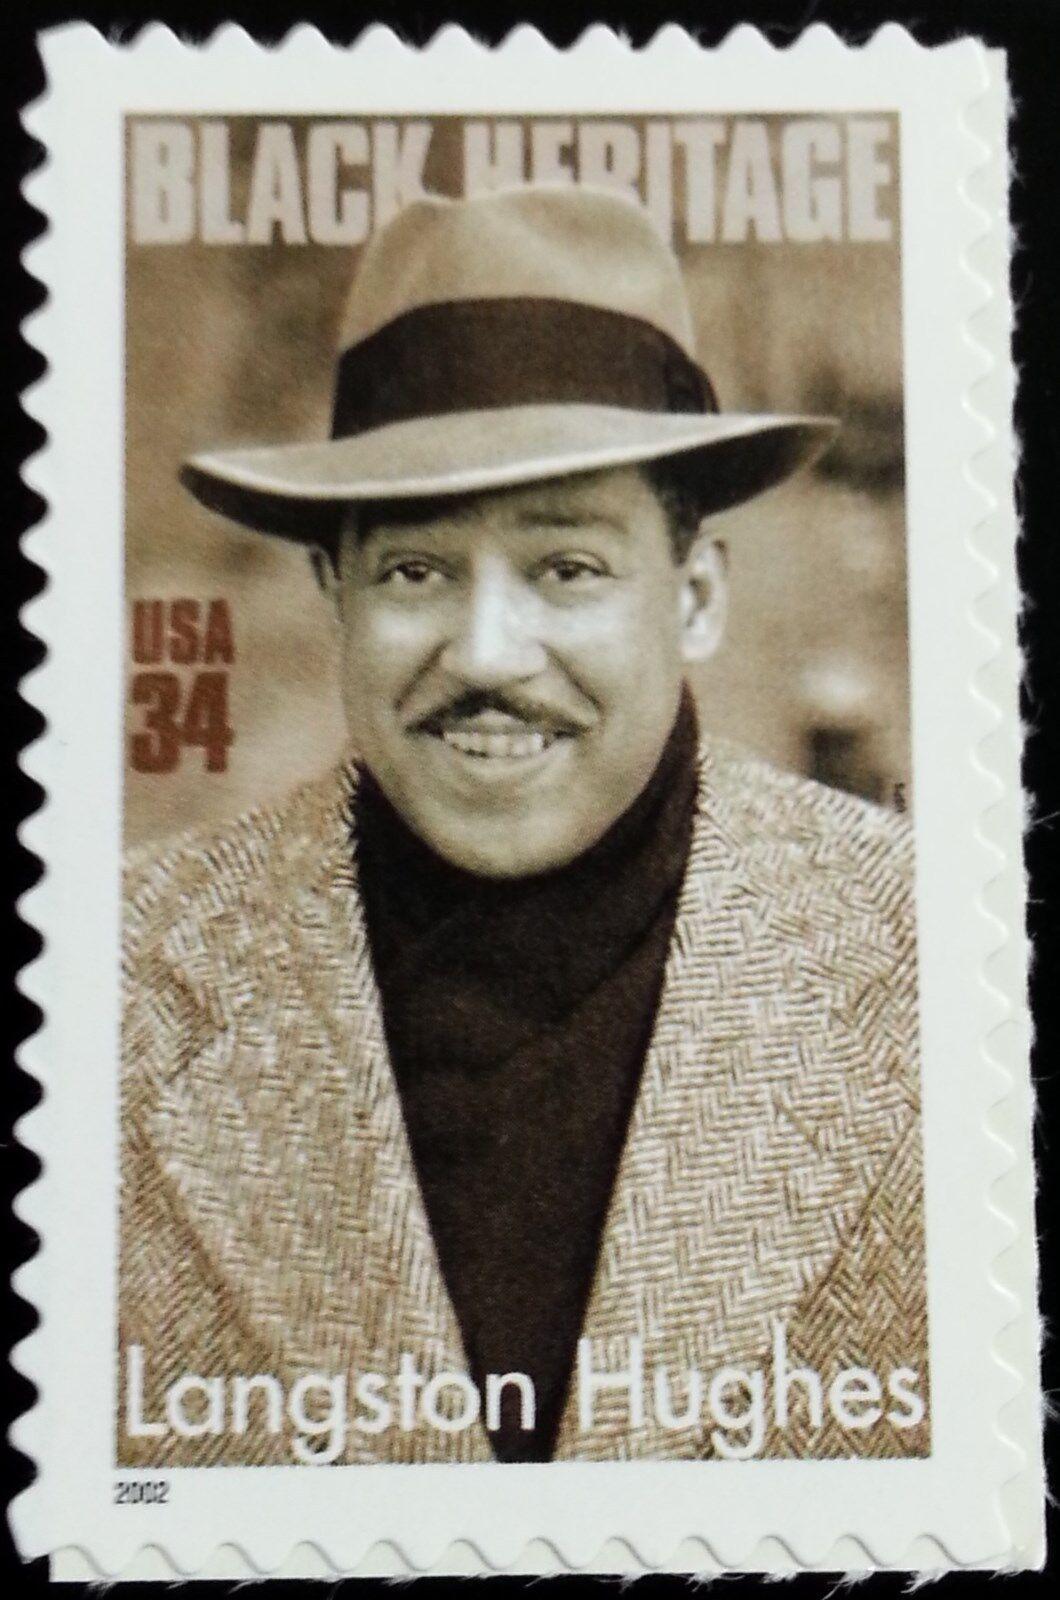 2002 34c Langston Hughes, Writer, Black Heritage Series